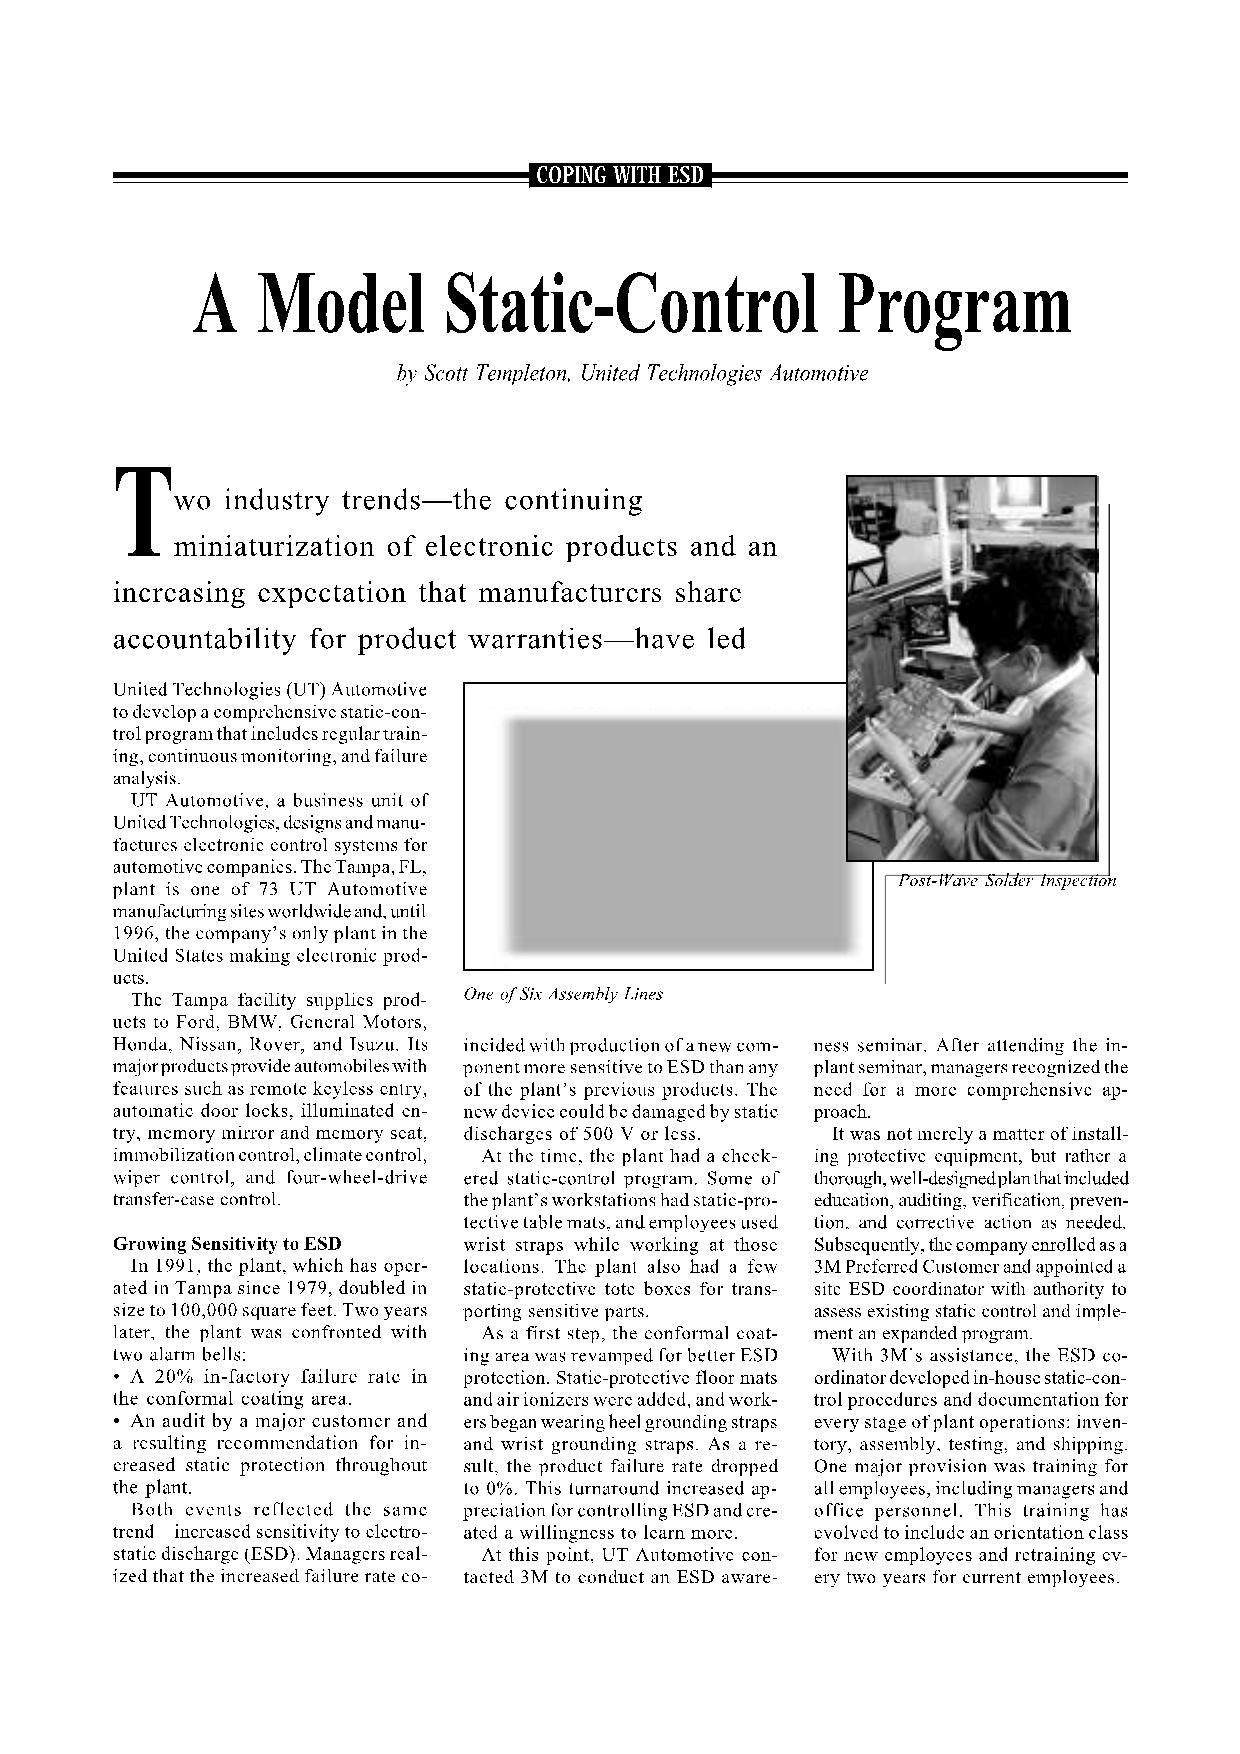 کنترل کیفیت رشته مدیریت صنعتی